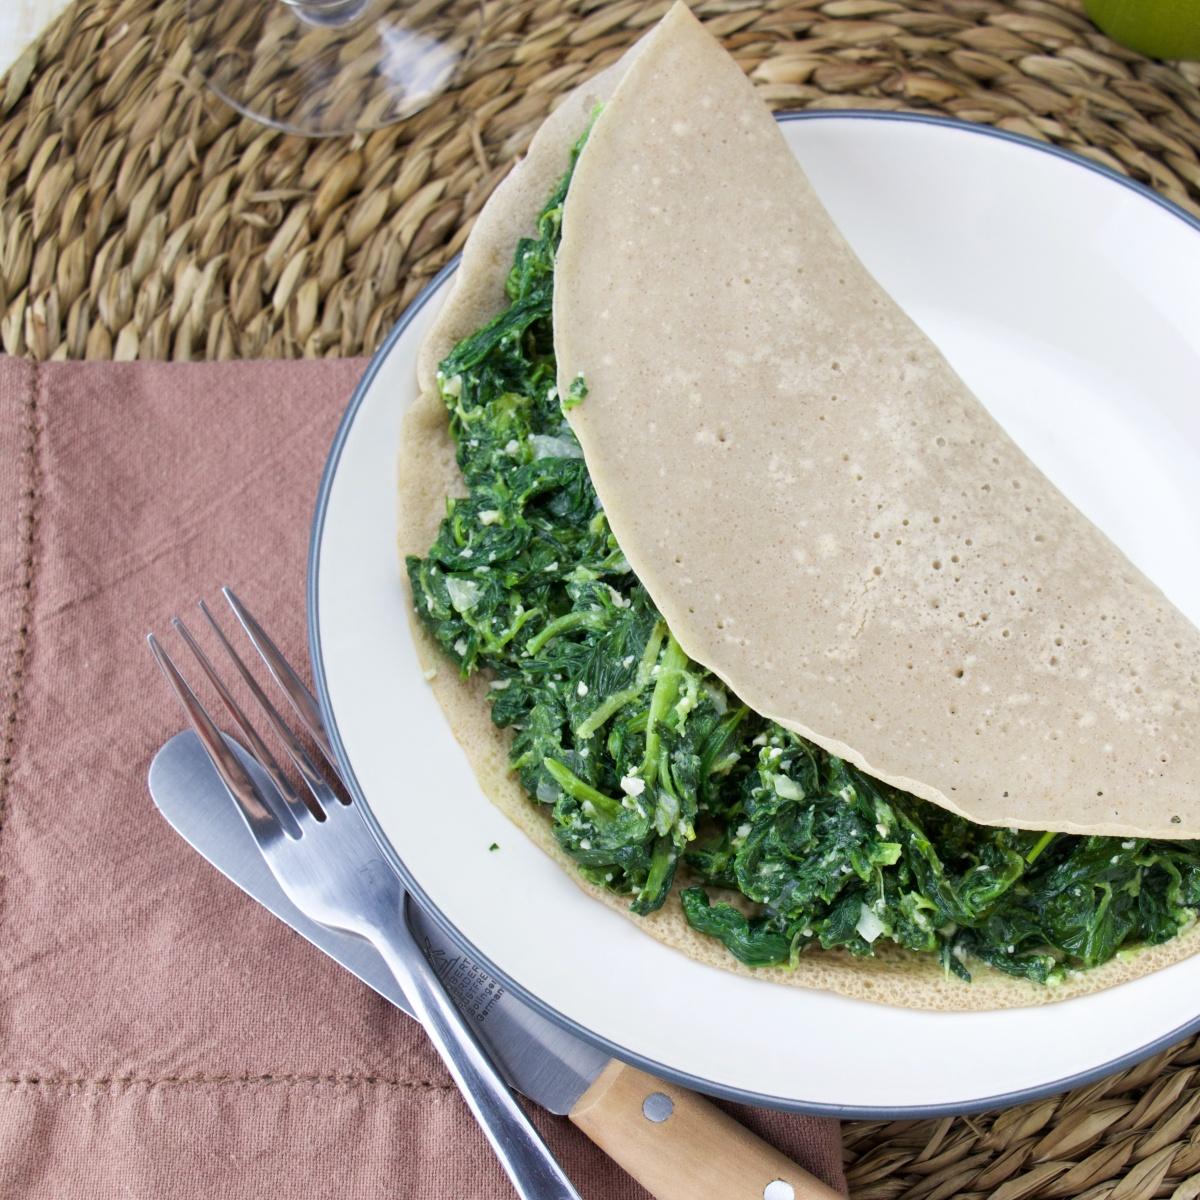 Greek Spinach-Feta Buckwheat Crêpe